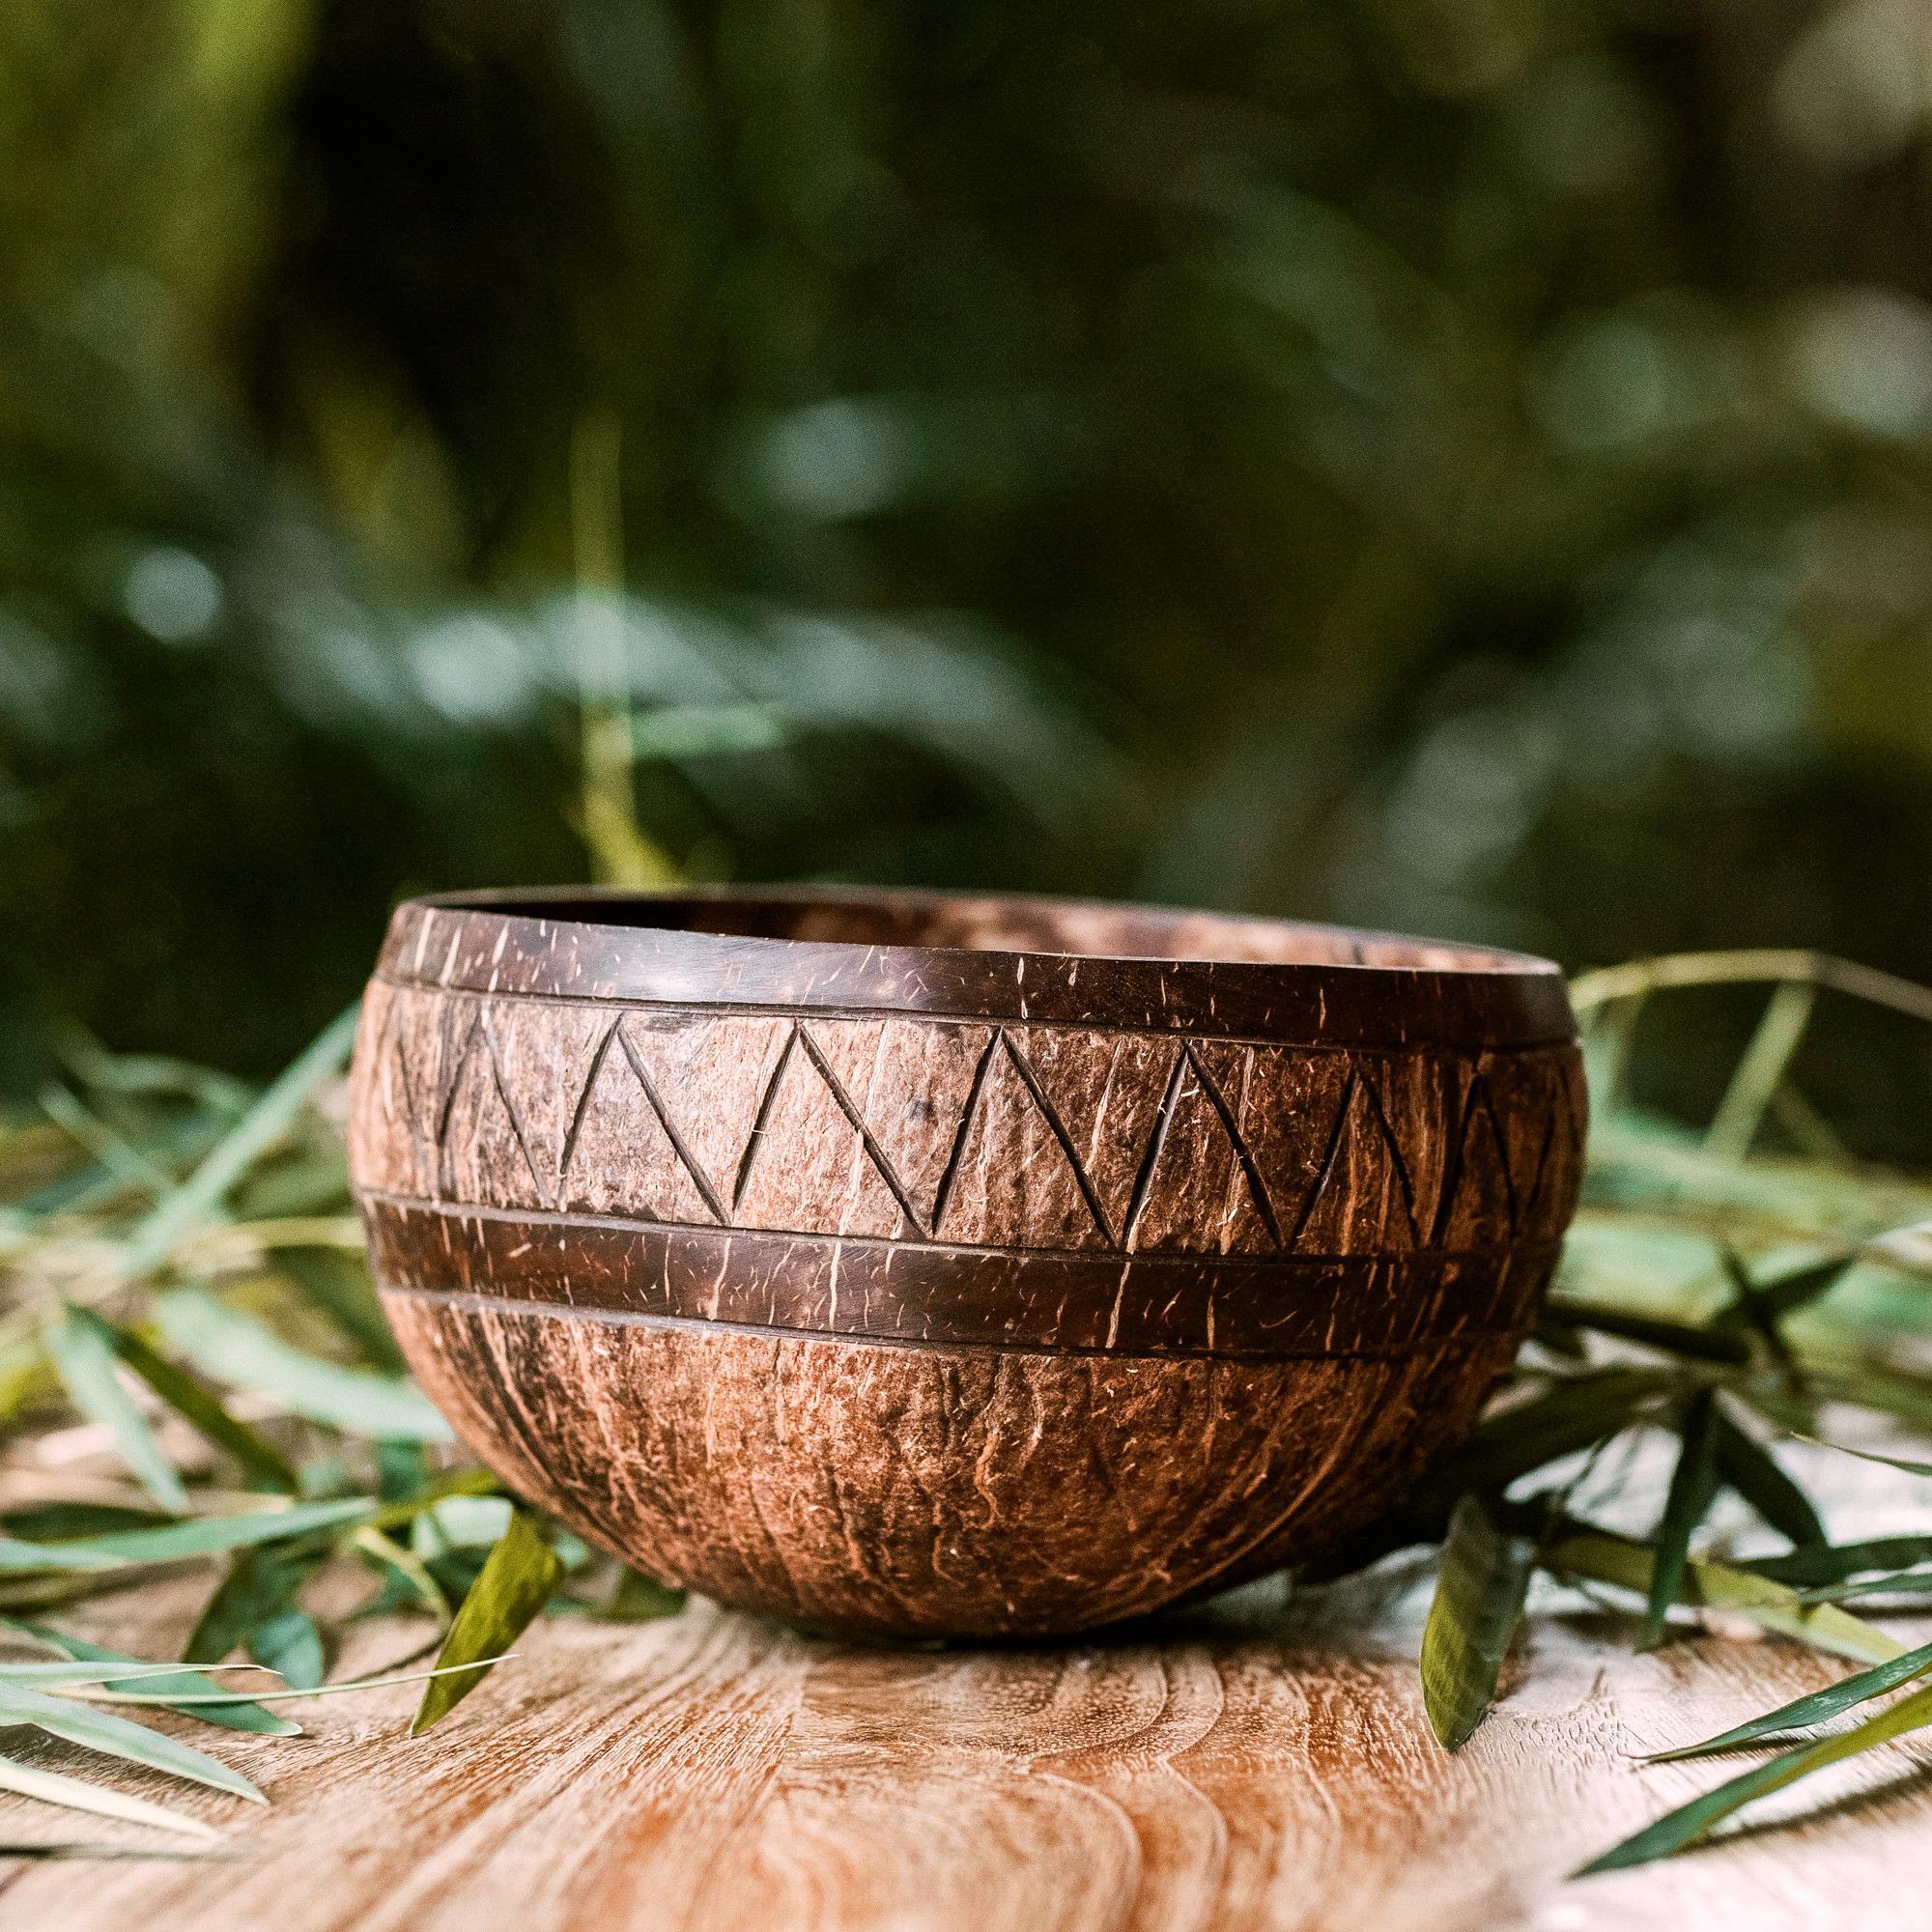 """W naszej działalności staramy się łączyć miły dla oka i nowoczesny design z ekologicznymi, przyjaznymi dla środowiska, naturalnymi surowcami. Miski kokosowe to obowiązkowy ekologiczny dodatek do Twojej kuchni. Wykonane są z łupin orzechów kokosowych na codzień wyrzucanych jako odpady. Kupując nasze miski wspierasz przetwarzanie i wtórne wykorzystywanie nikomu niepotrzebnych łupin kokosów, pomagasz środowisku, a zarazem pomagasz zapewnić godne życie lokalnym rzemieślnikom. Każda nasza miska jest przycinana, szlifowana i polerowana ręcznie. Nasze miski na żadnym etapie produkcji nie są poddawane obróbce chemicznej, a dzięki temu są w pełni wolne od jakichkolwiek substancji chemicznych. Produkt: Miska kokosowa """"Agung""""Materiał: łupina orzecha kokosowegoRozmiar: średnia Pojemność: około 550-600mlKolor: naturalny, nieprzetworzonyWymiary: średnica 12-13 cm, wysokość 8 cmKraj pochodzenia: Indonezja (Bali) Cechy szczególne: 100% wegańskia wykonana ręcznie i unikalna piękny kształt zero waste pr"""